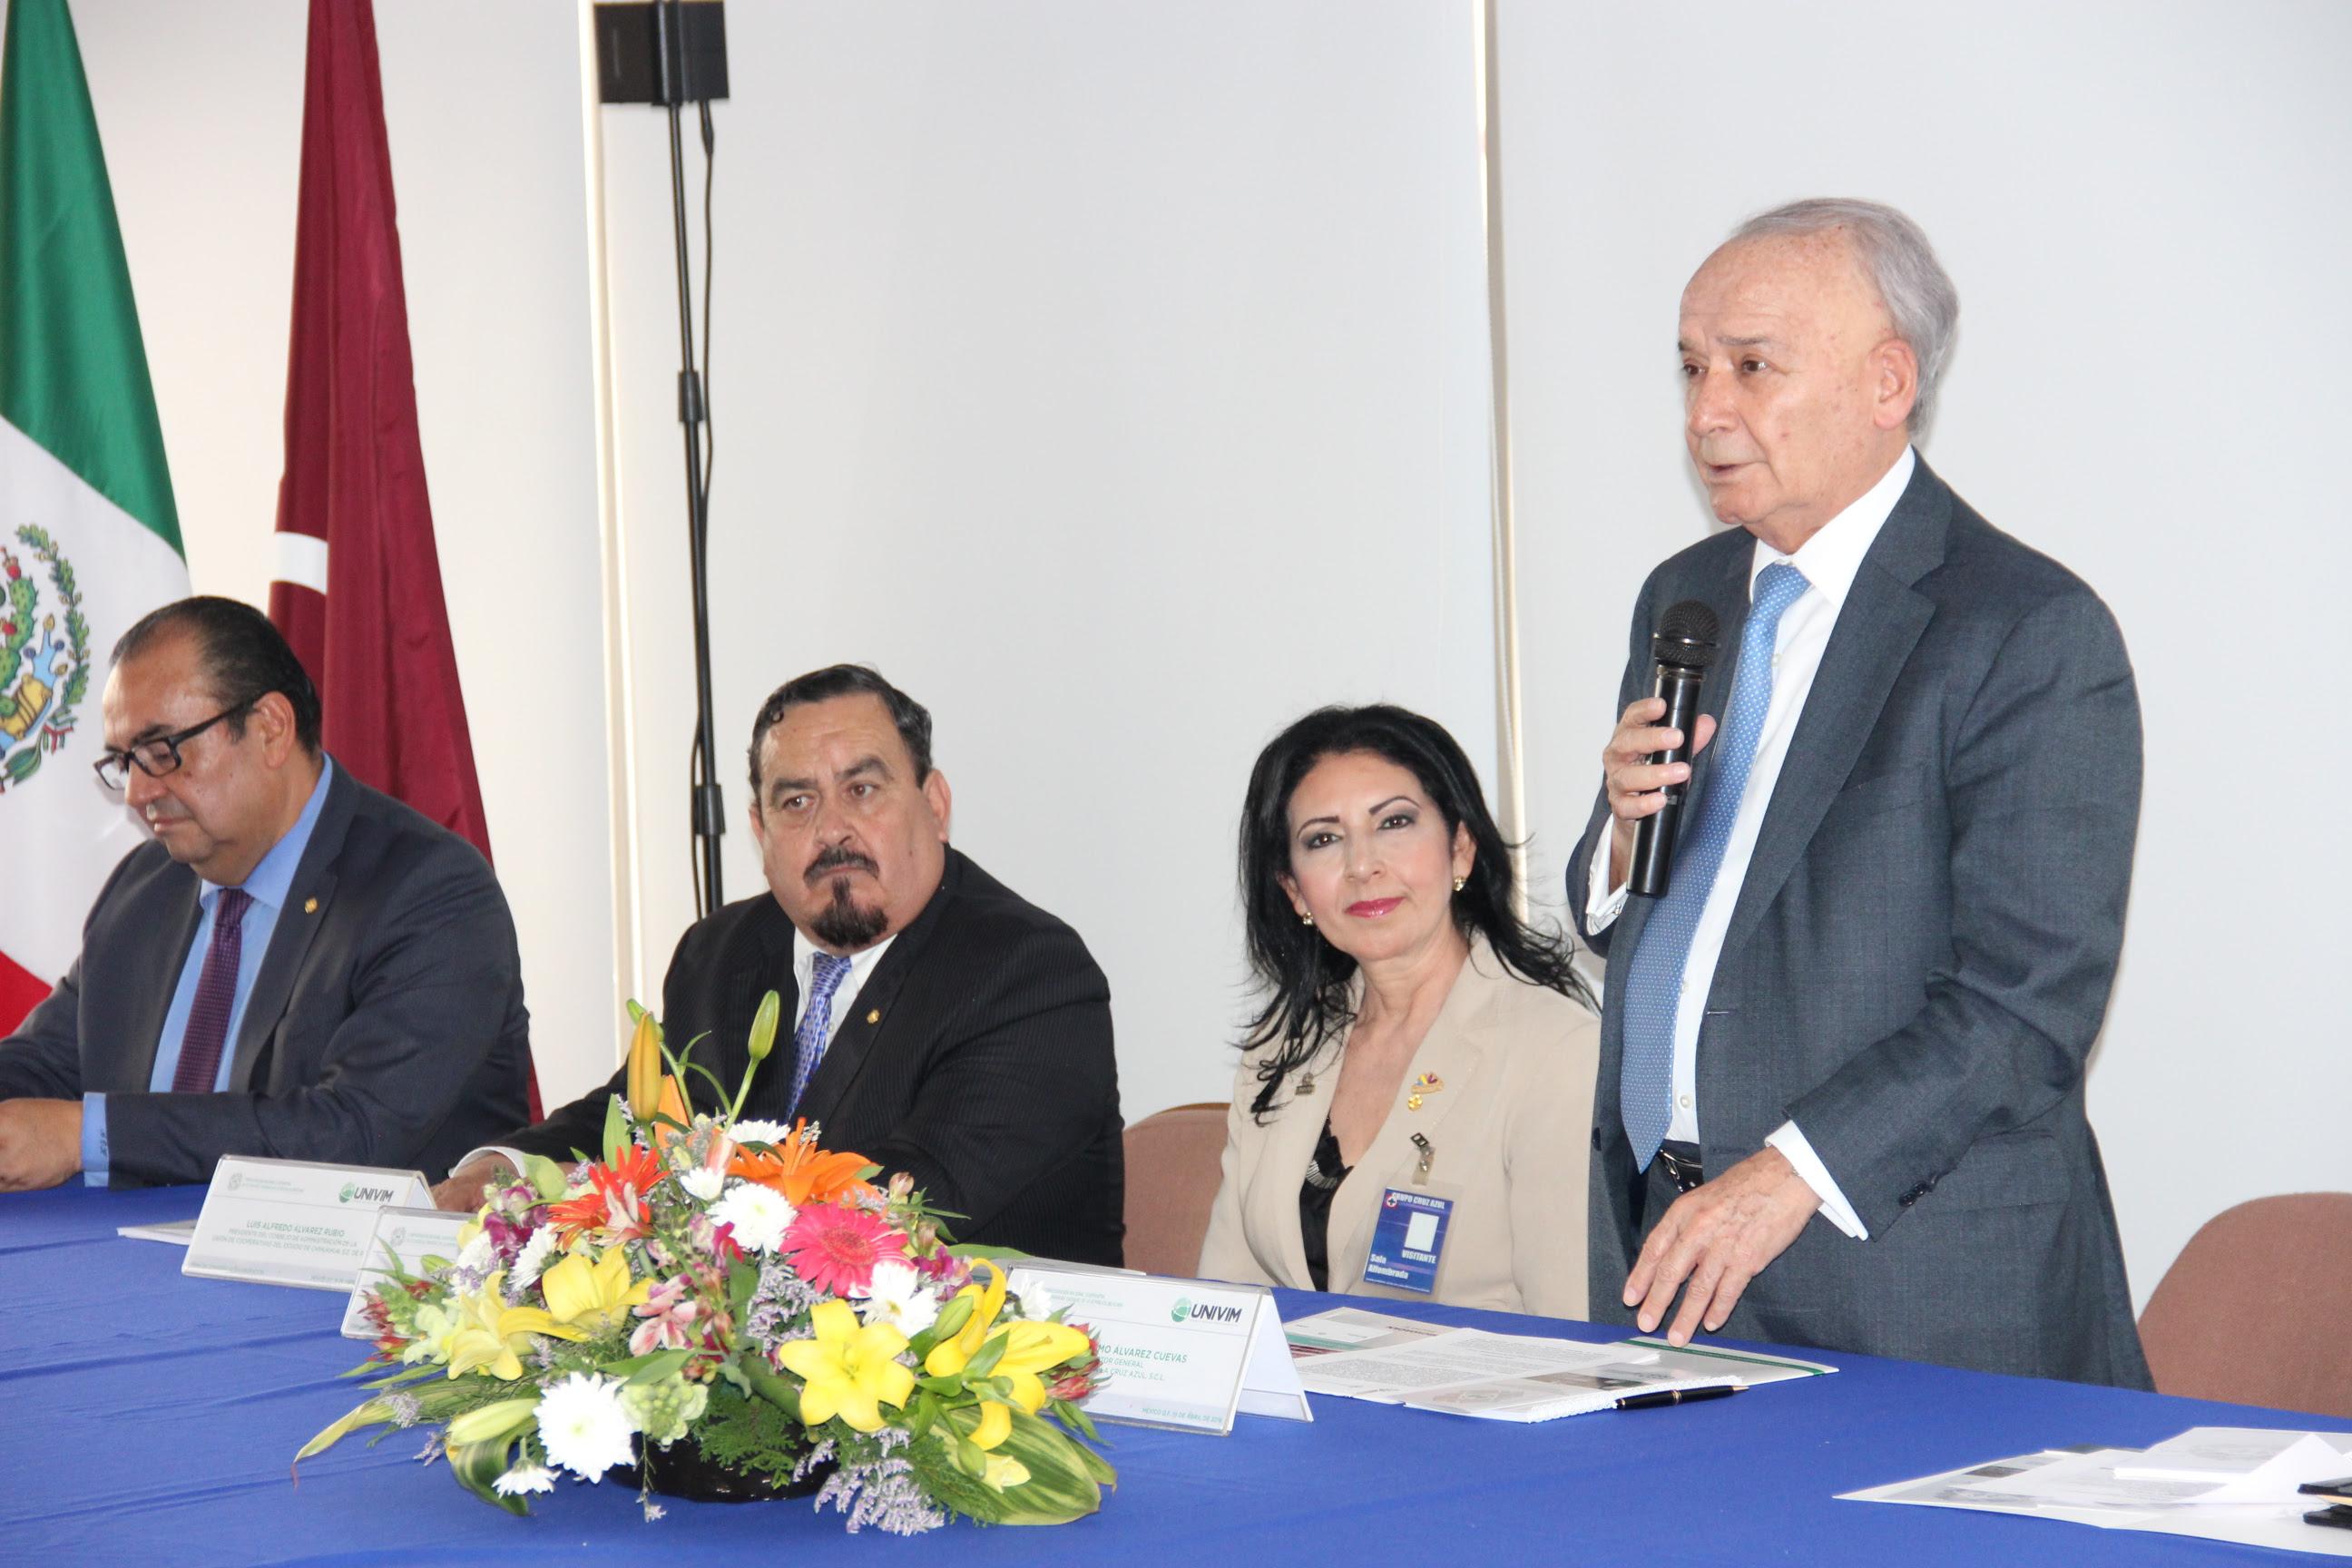 Por su parte, el presidente honorario de la Confederación Nacional Cooperativa, Guillermo Álvarez Cuevas, destacó que esta vinculación tripartita es un parteaguas en la educación cooperativa